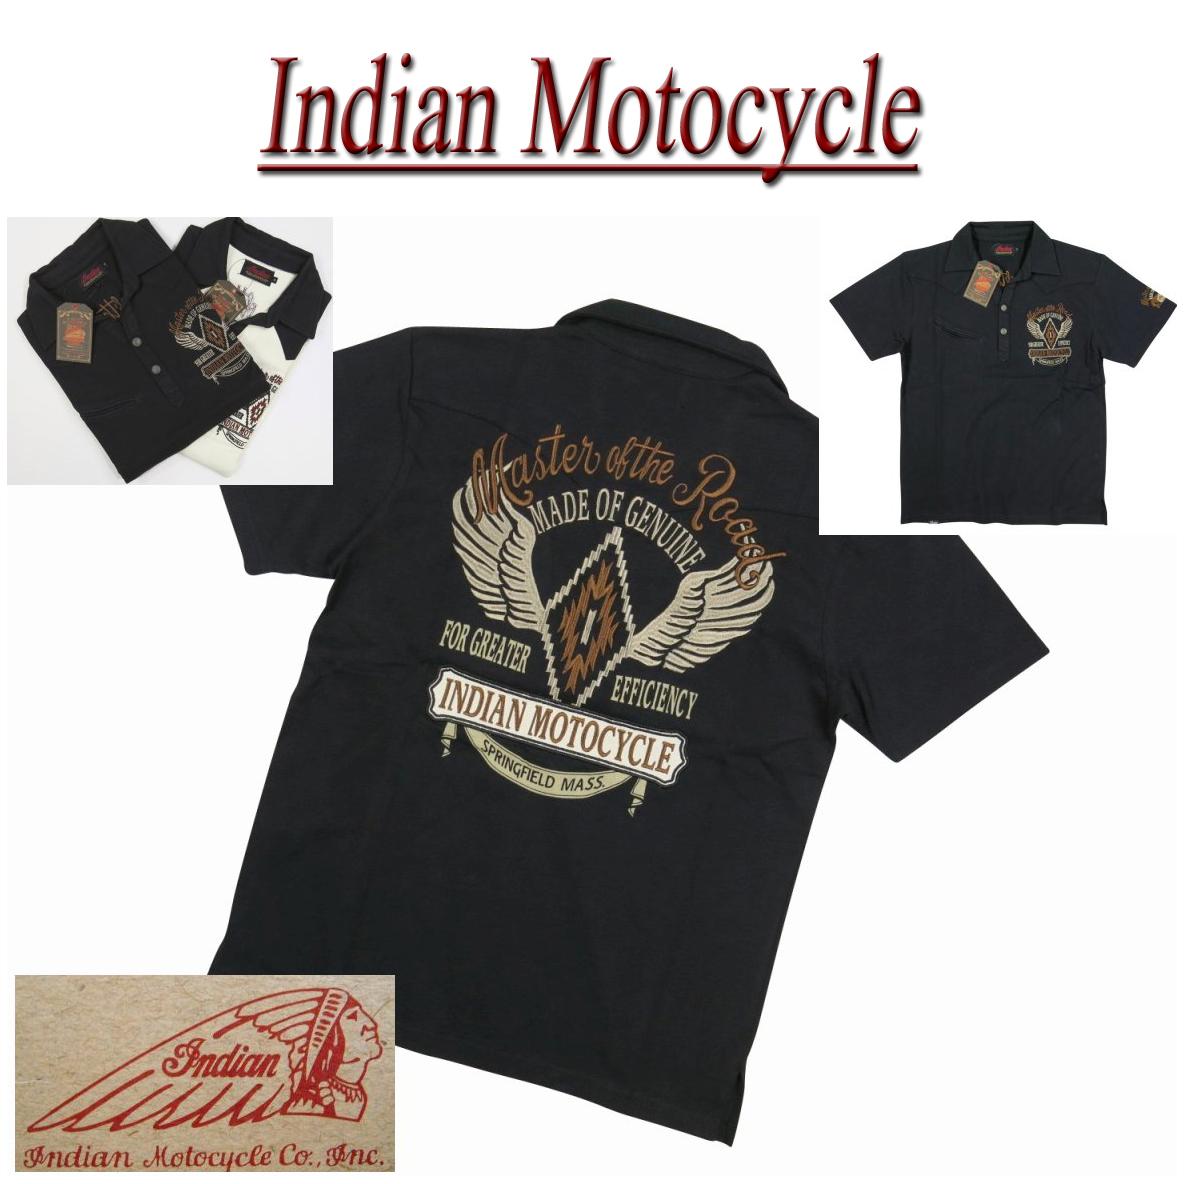 【40%off 2色4サイズ】 ja641 新品 INDIAN MOTOCYCLE チマヨ ウイング刺繍 ウエスタンヨーク切替 半袖 スキッパー ポロシャツ IMPS-608 メンズ ヘッドマーク インディアンモトサイクル IndianMotocycle